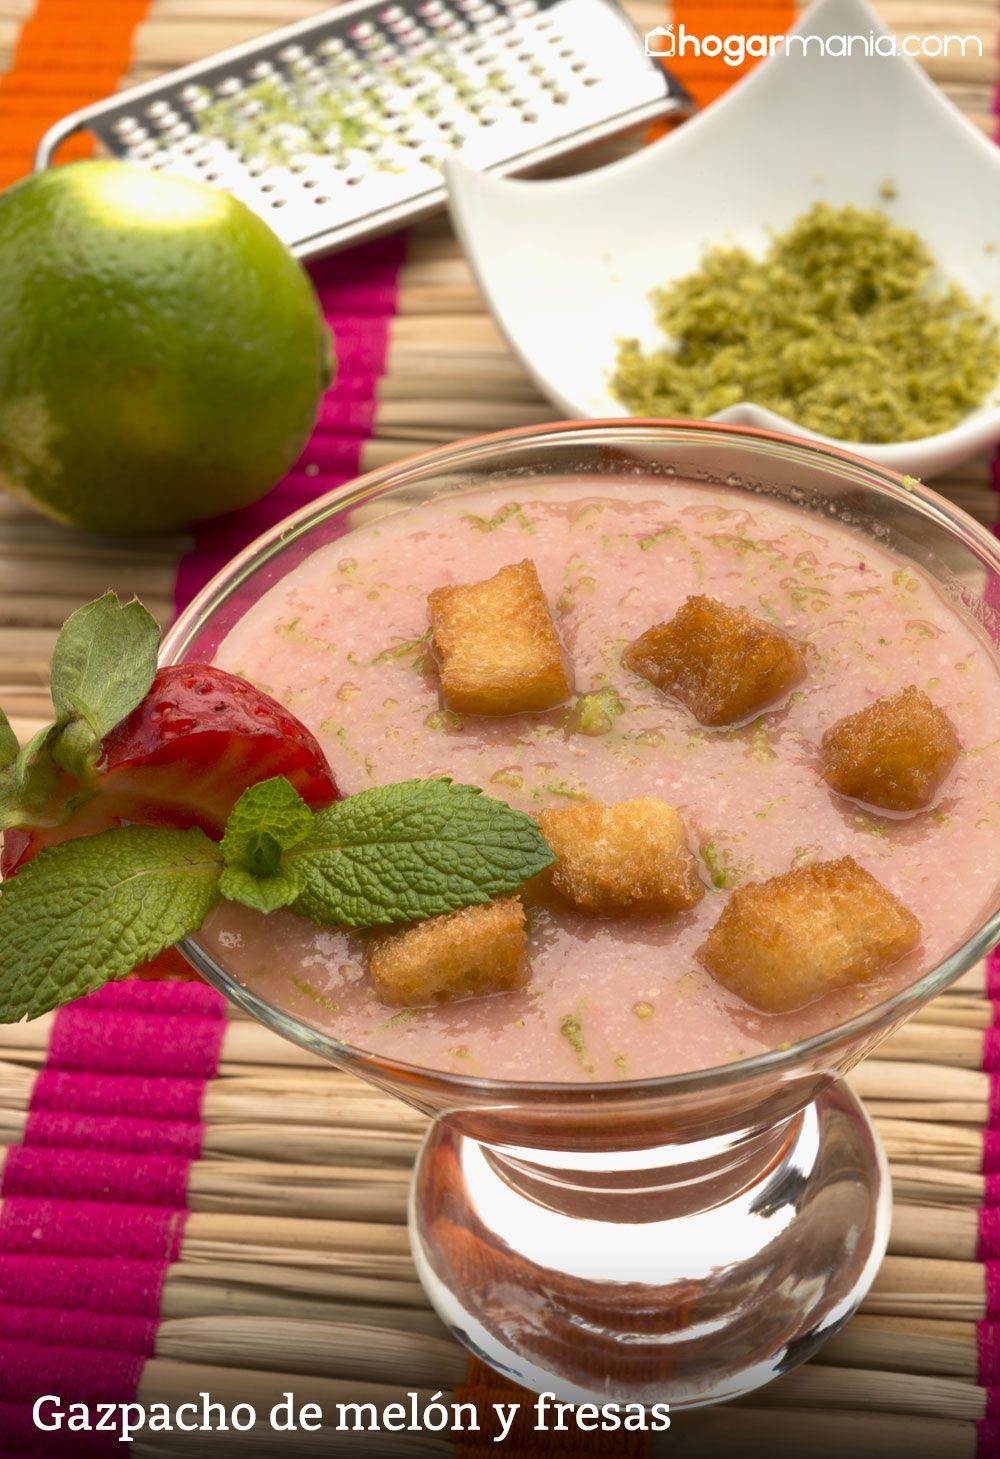 Gazpacho de melón y fresas